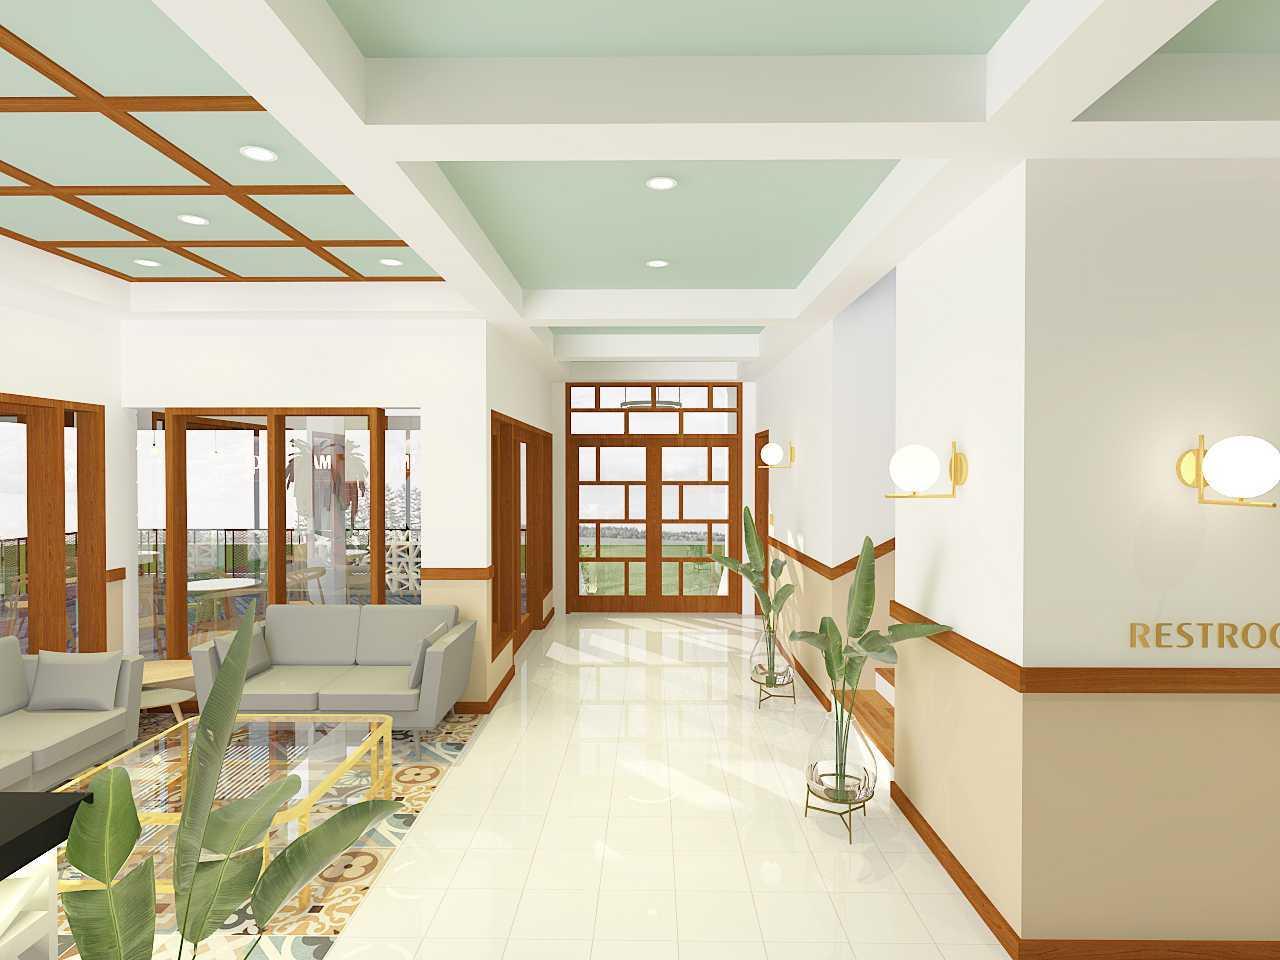 Sekala Panorama Inn Guesthouse Batu, Kec. Batu, Kota Batu, Jawa Timur, Indonesia Batu, Kec. Batu, Kota Batu, Jawa Timur, Indonesia Sekala-Panorama-Inn-Guesthouse  74496